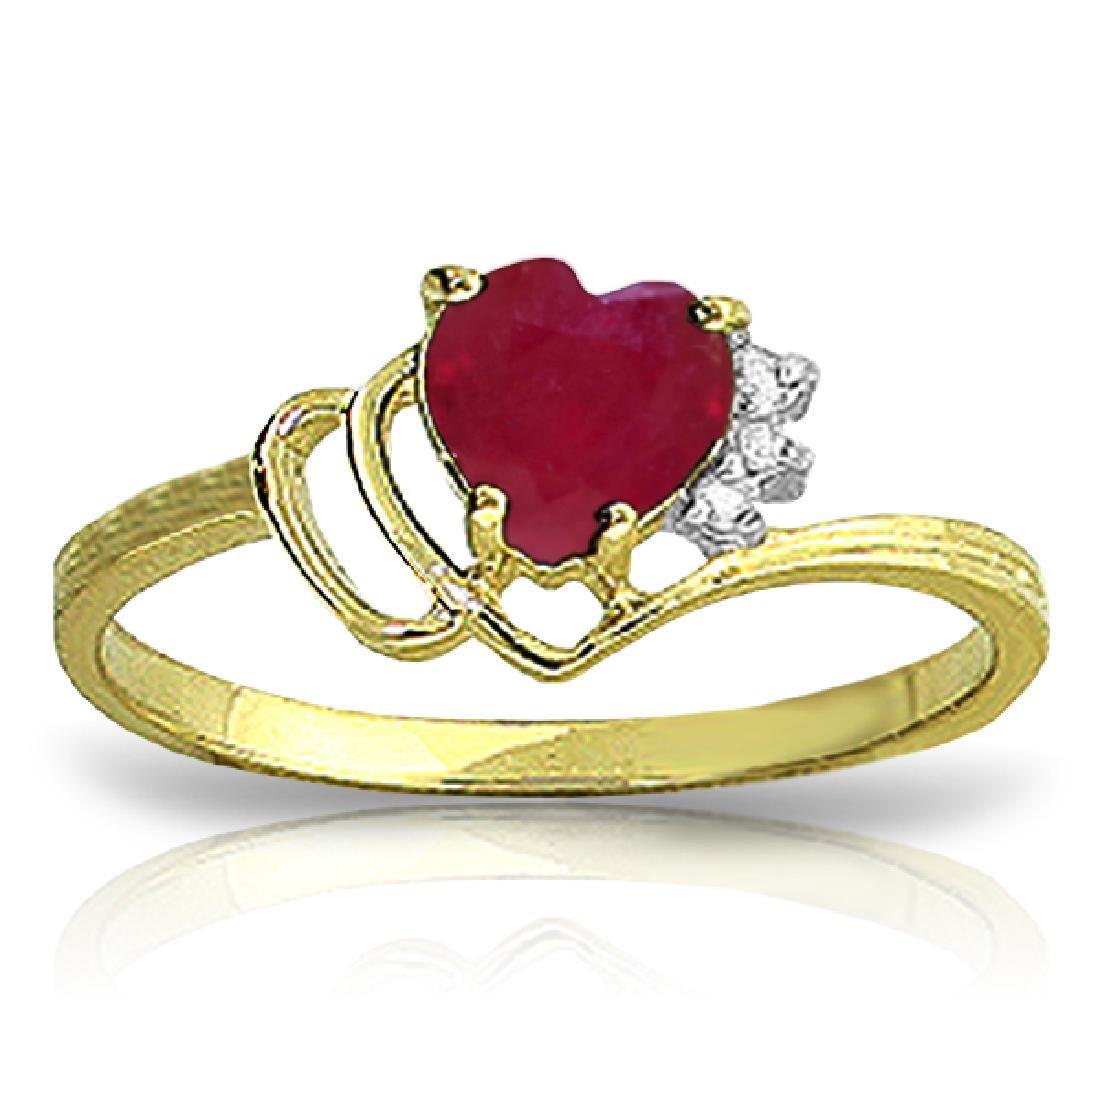 Genuine 1.02 ctw Ruby & Diamond Ring Jewelry 14KT